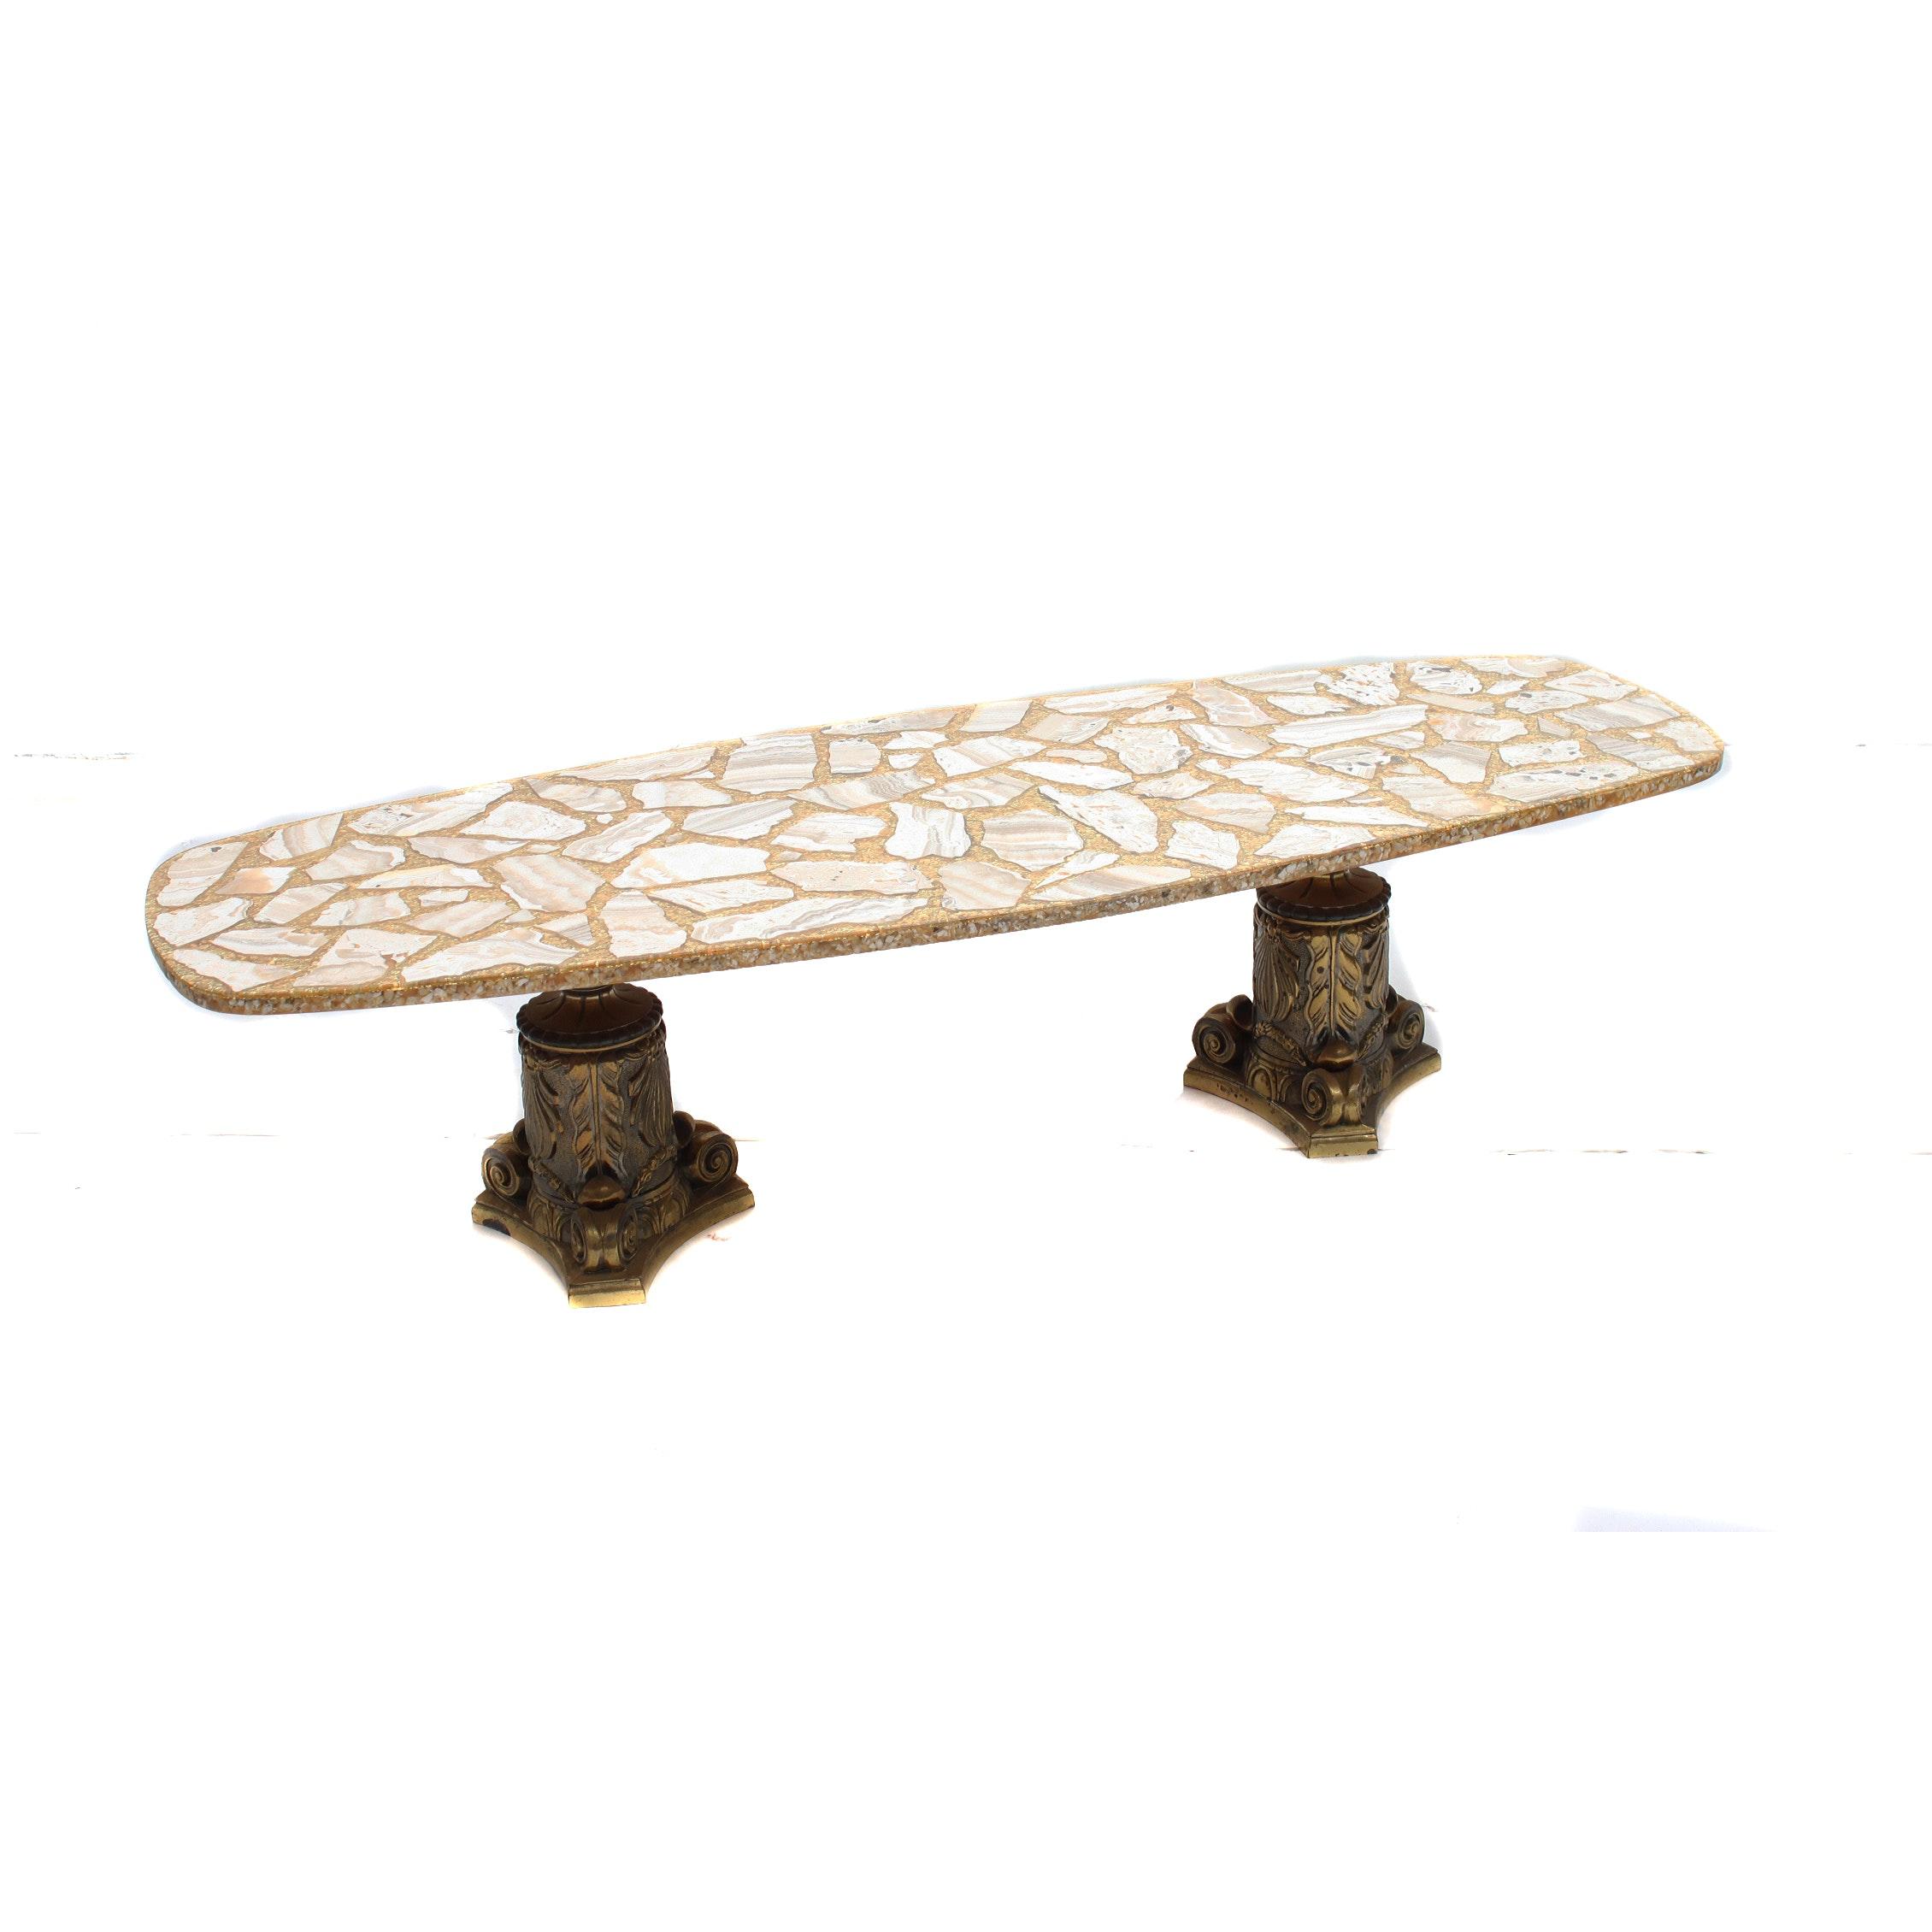 Arturo Pani Style Mid Century Modern Surfboard Coffee Table